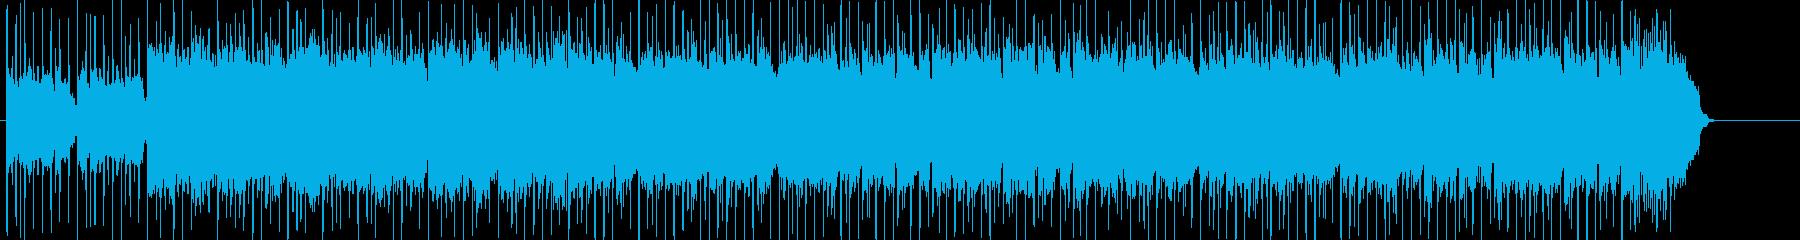 軽快で爽やかなテクノポップの再生済みの波形